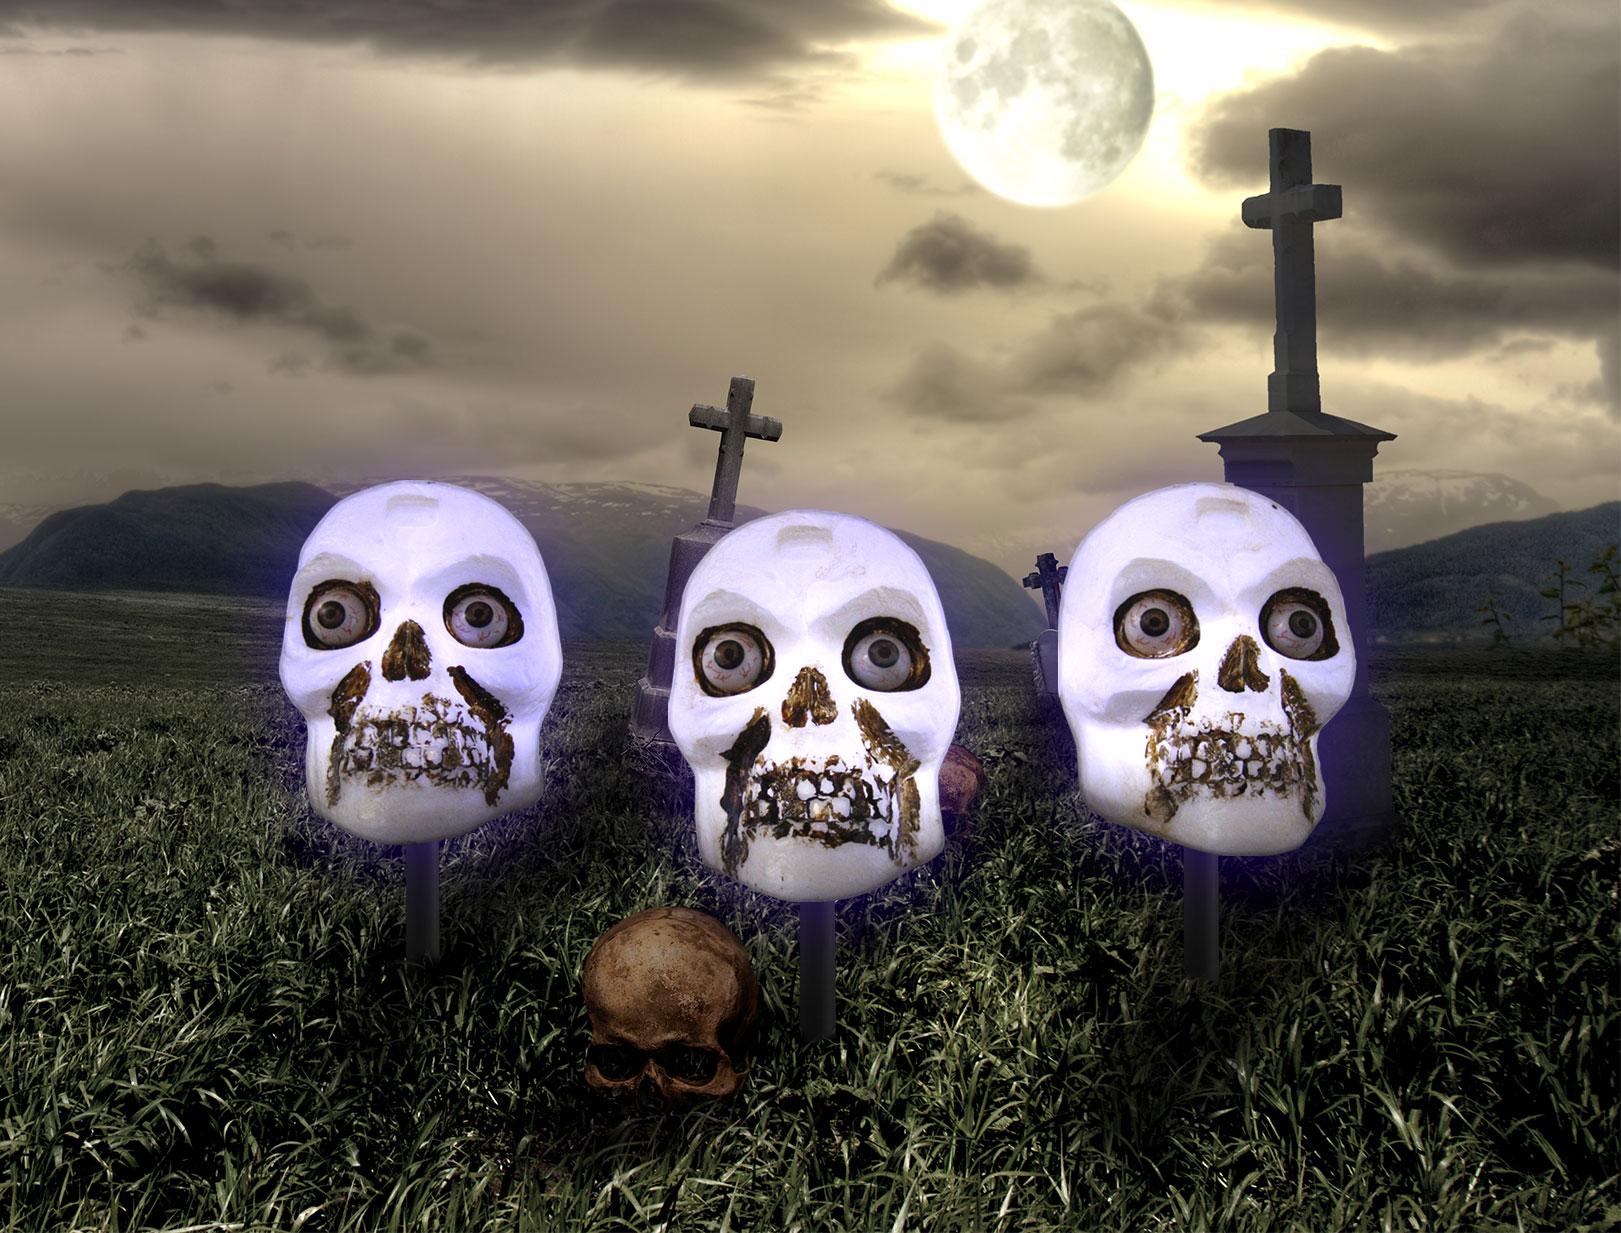 V8930-in-cemetery.jpg